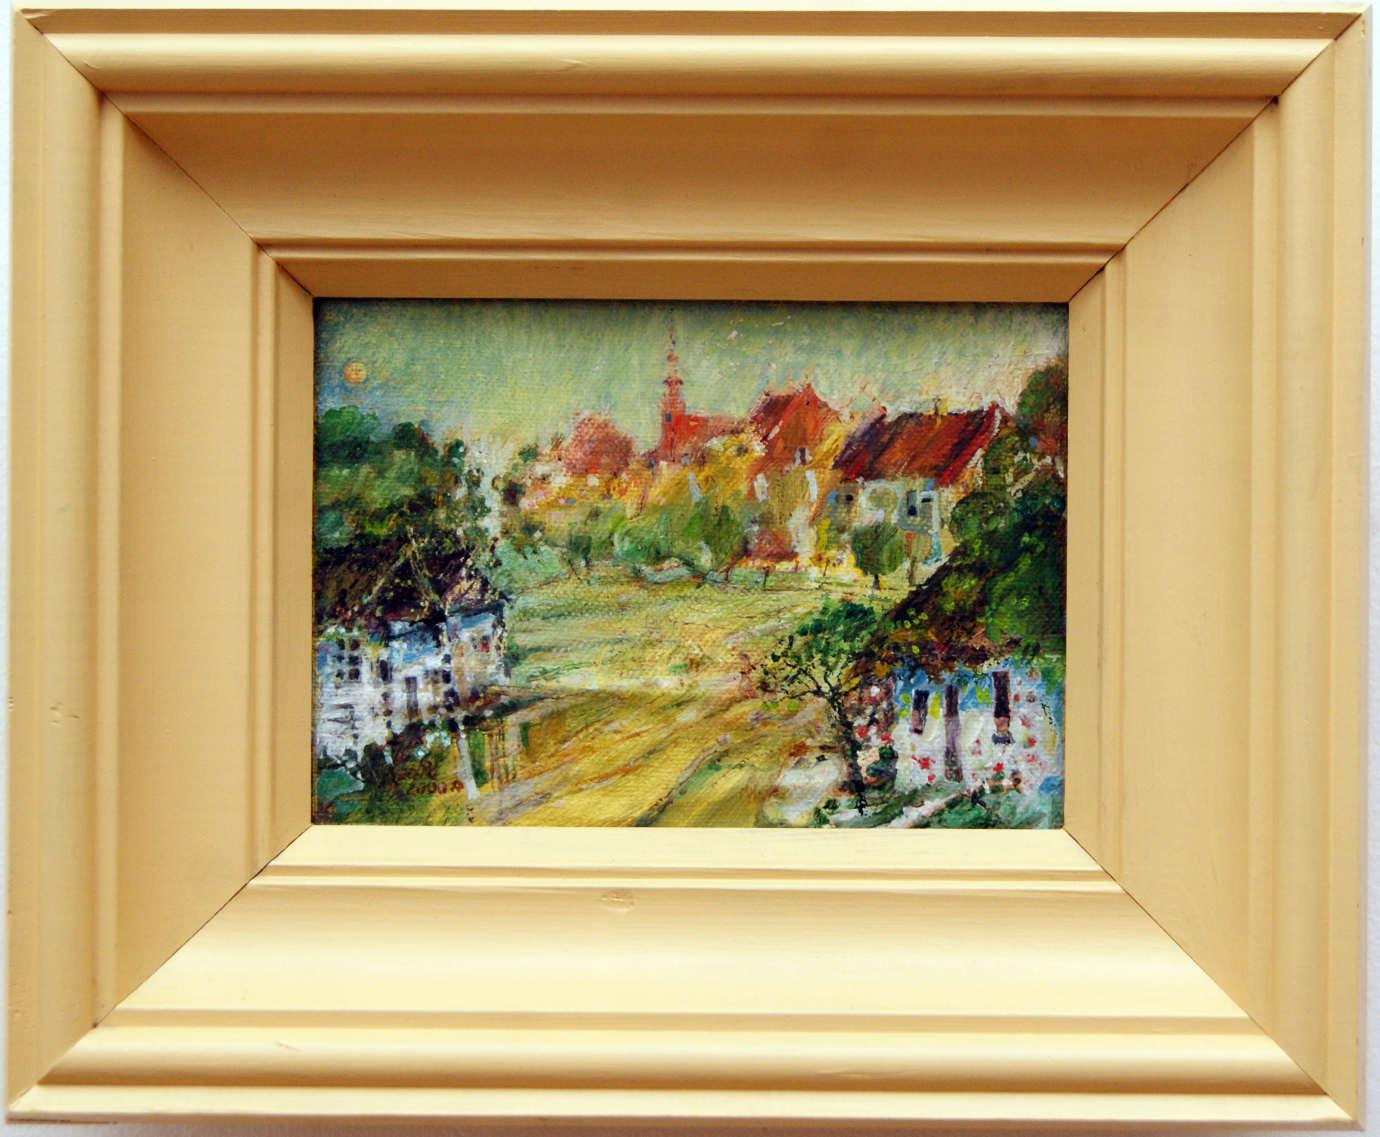 m kedra fot janusz zimon 21 Marian Kędra - malarstwo zanurzone w kolorze